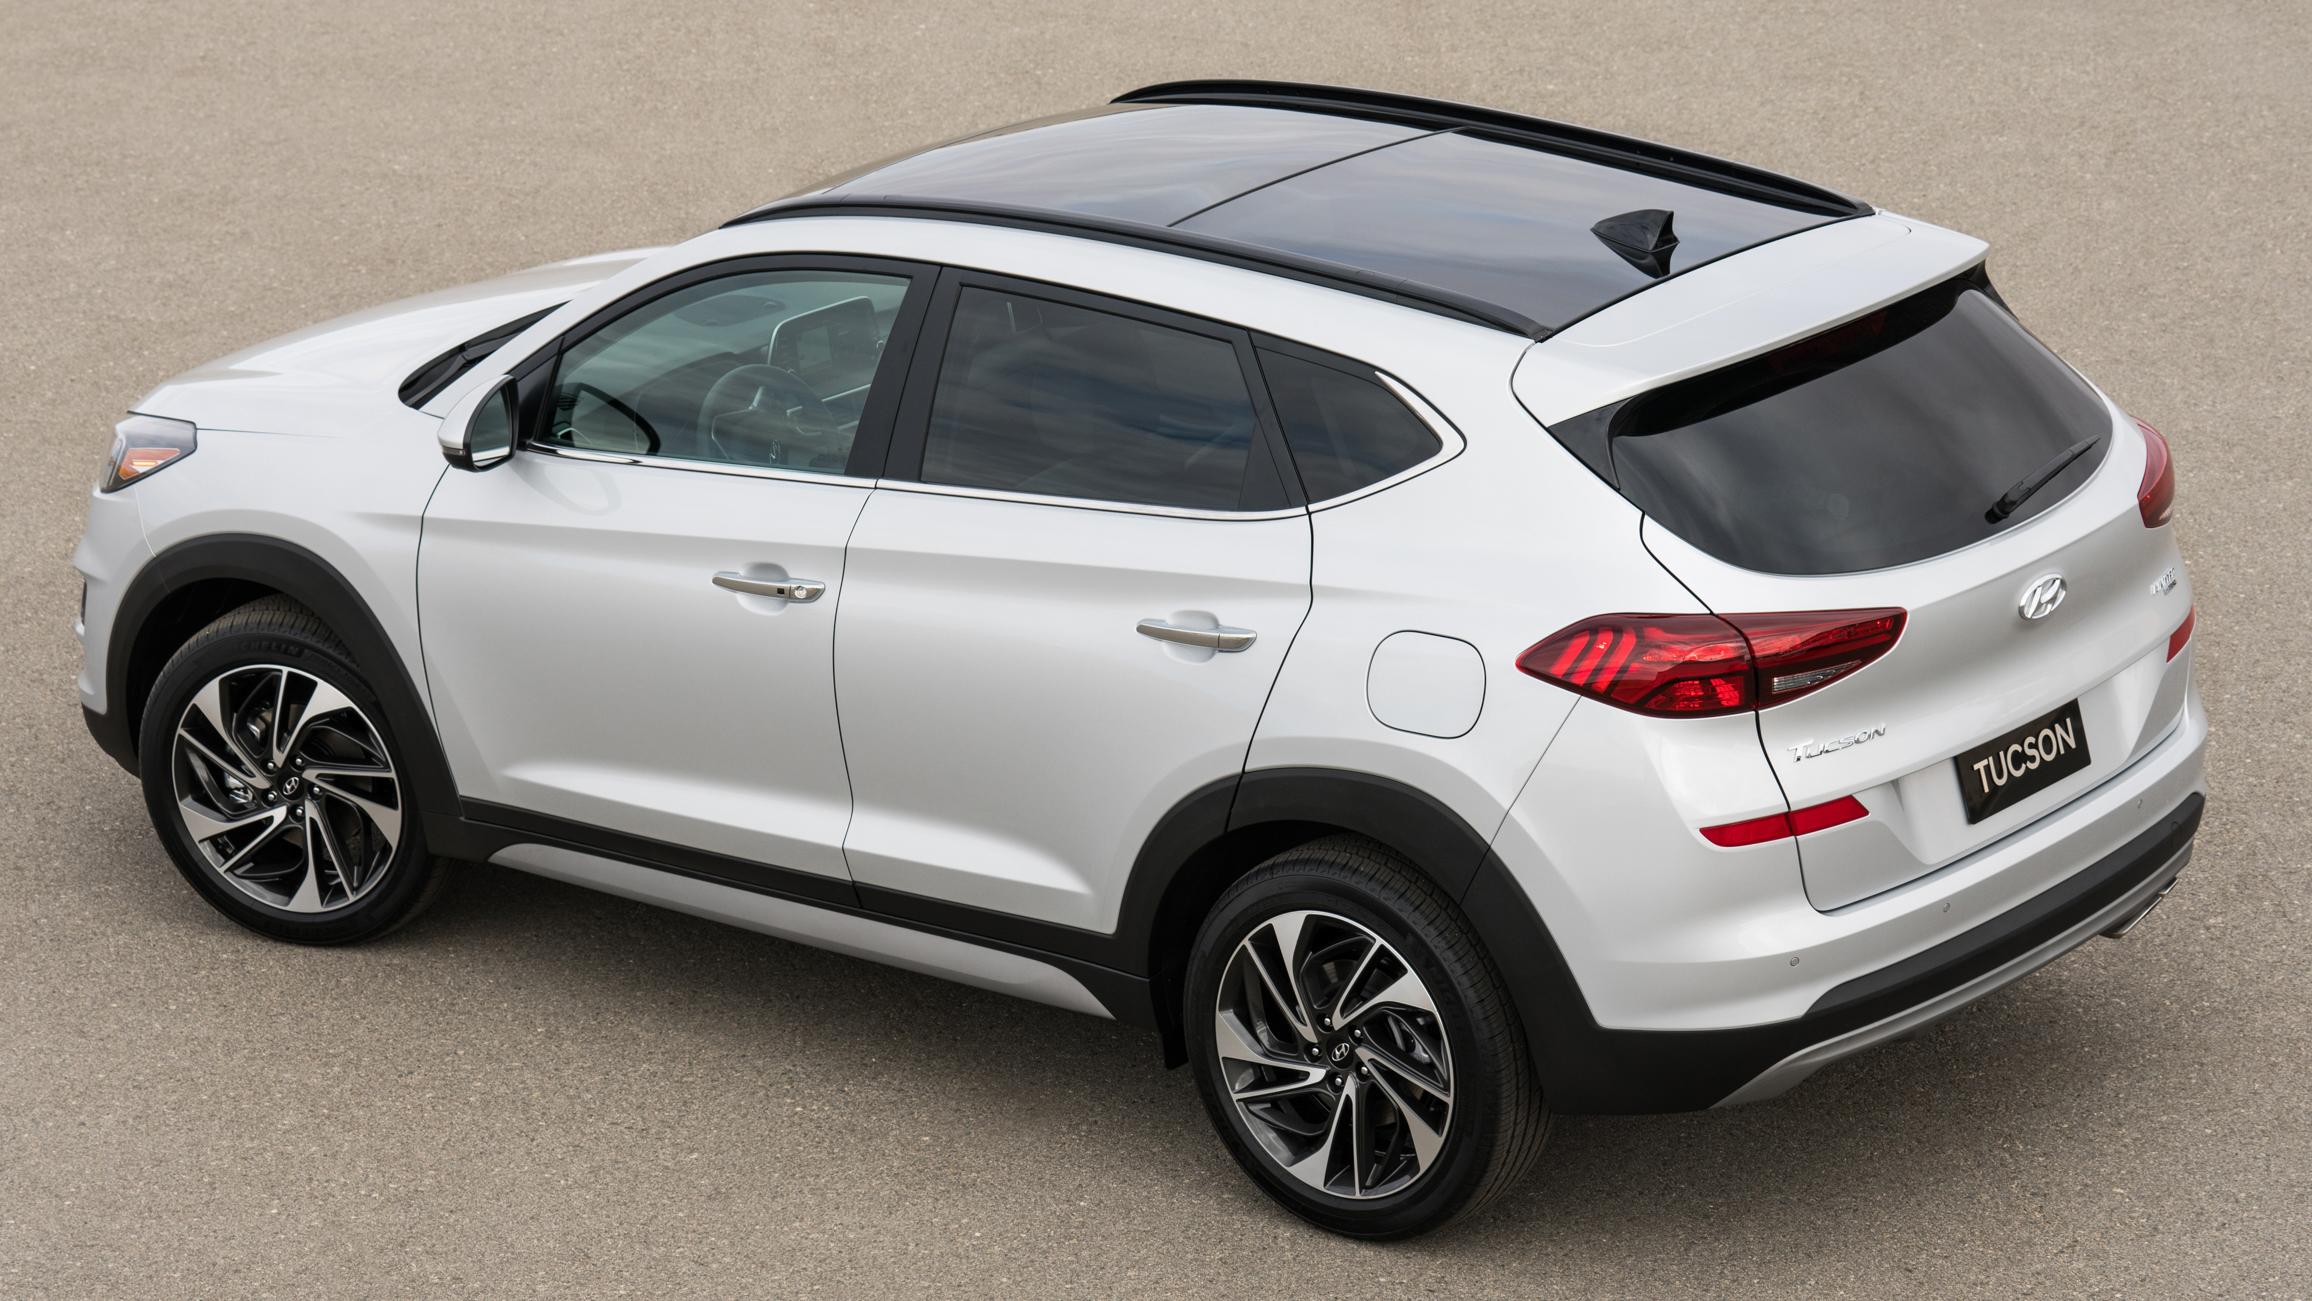 Hyundai Tucson 2019 Gugurkan Turbo Dct Di Usa Paul Tan